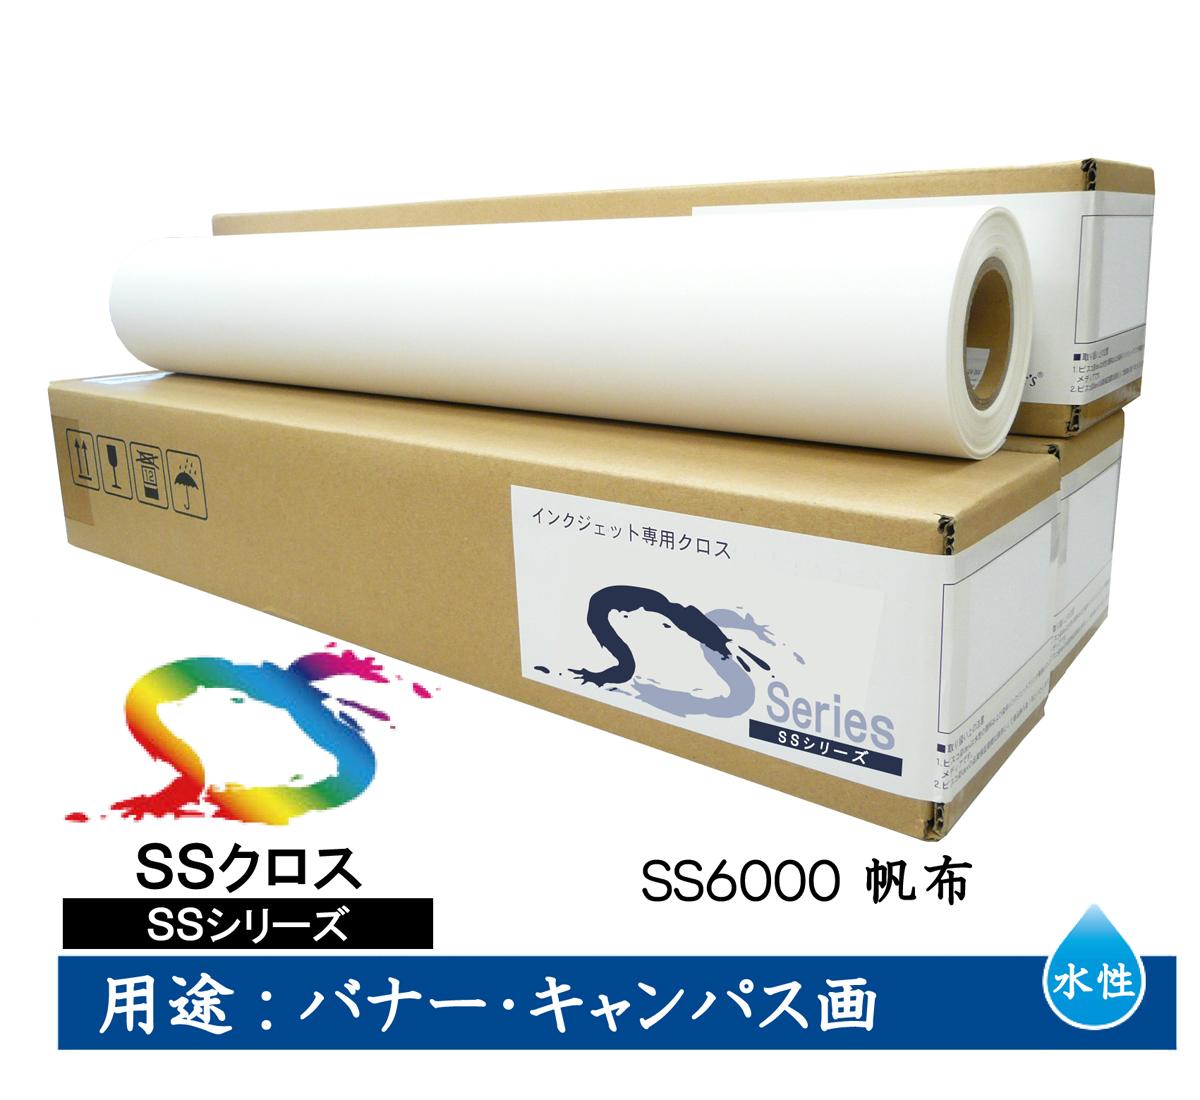 セーレン 水性クロスメディア SSシリーズ 帆布 1067mm×16m 2インチ SS6000 [ SS6000-1067 ]